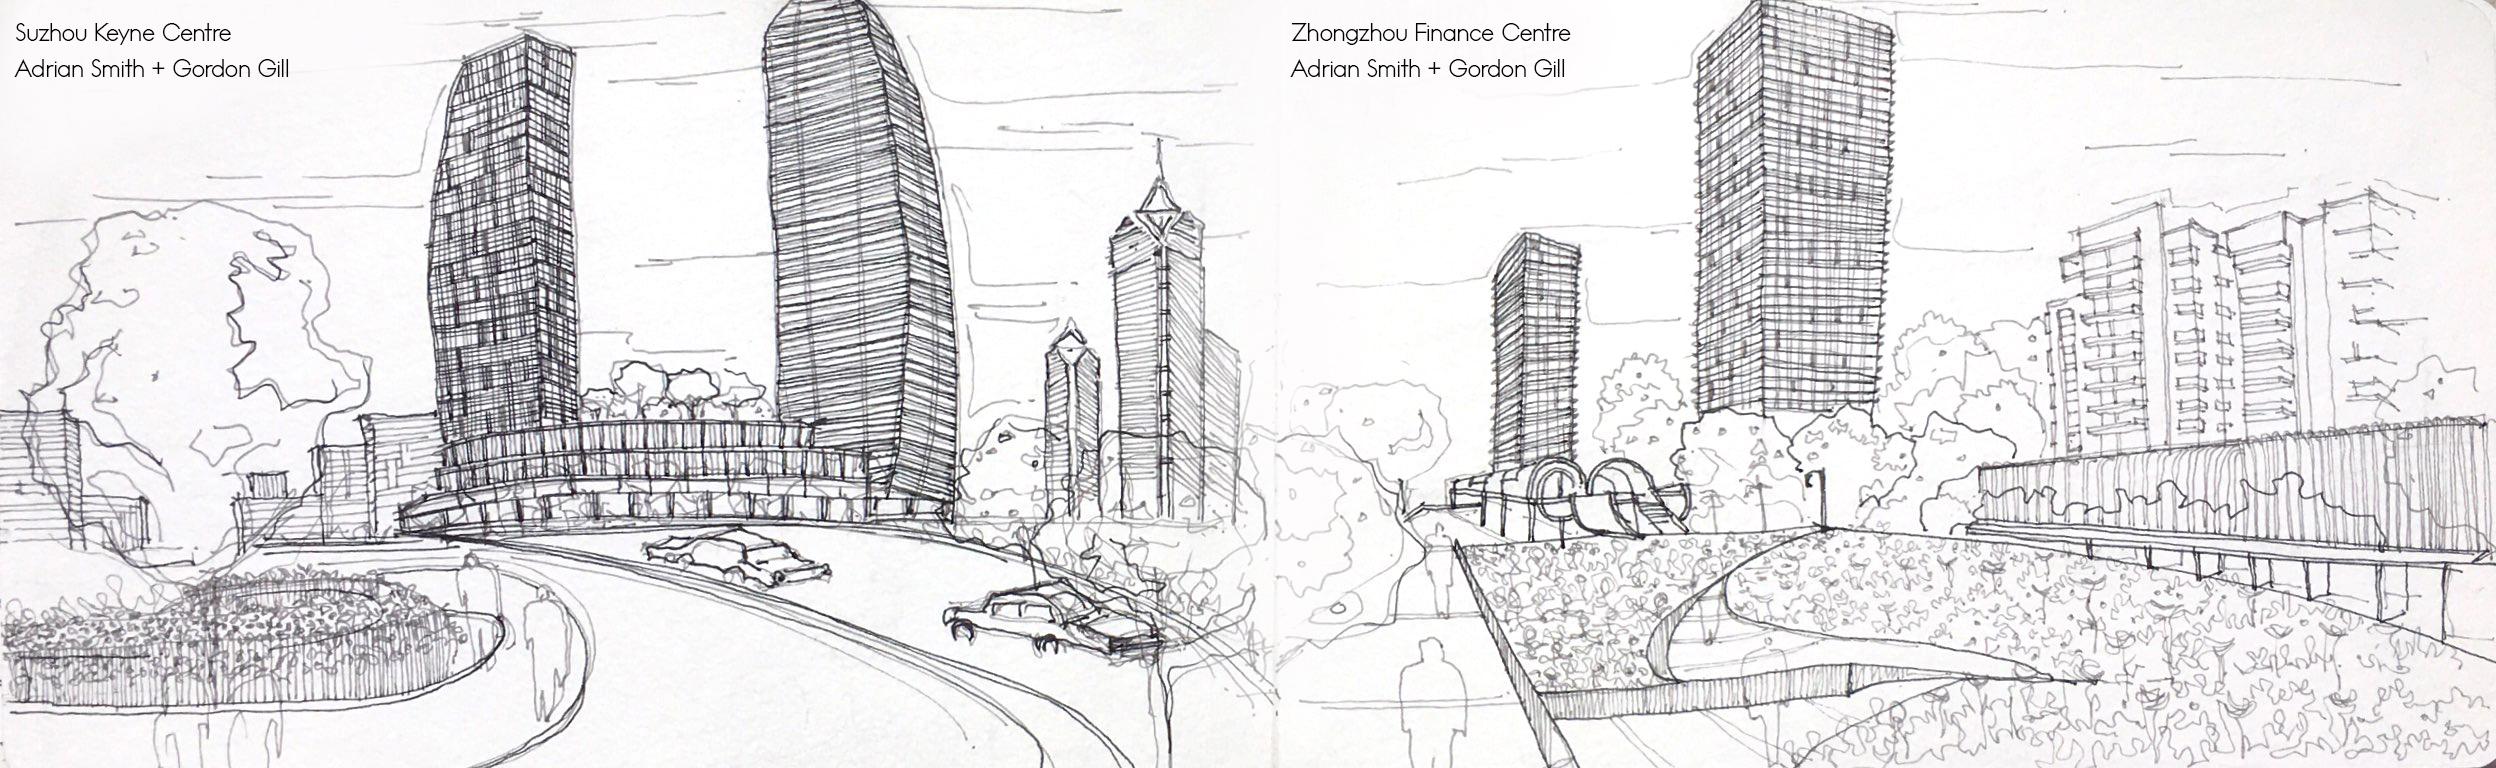 ASGG sketch_Hiral Mangrola